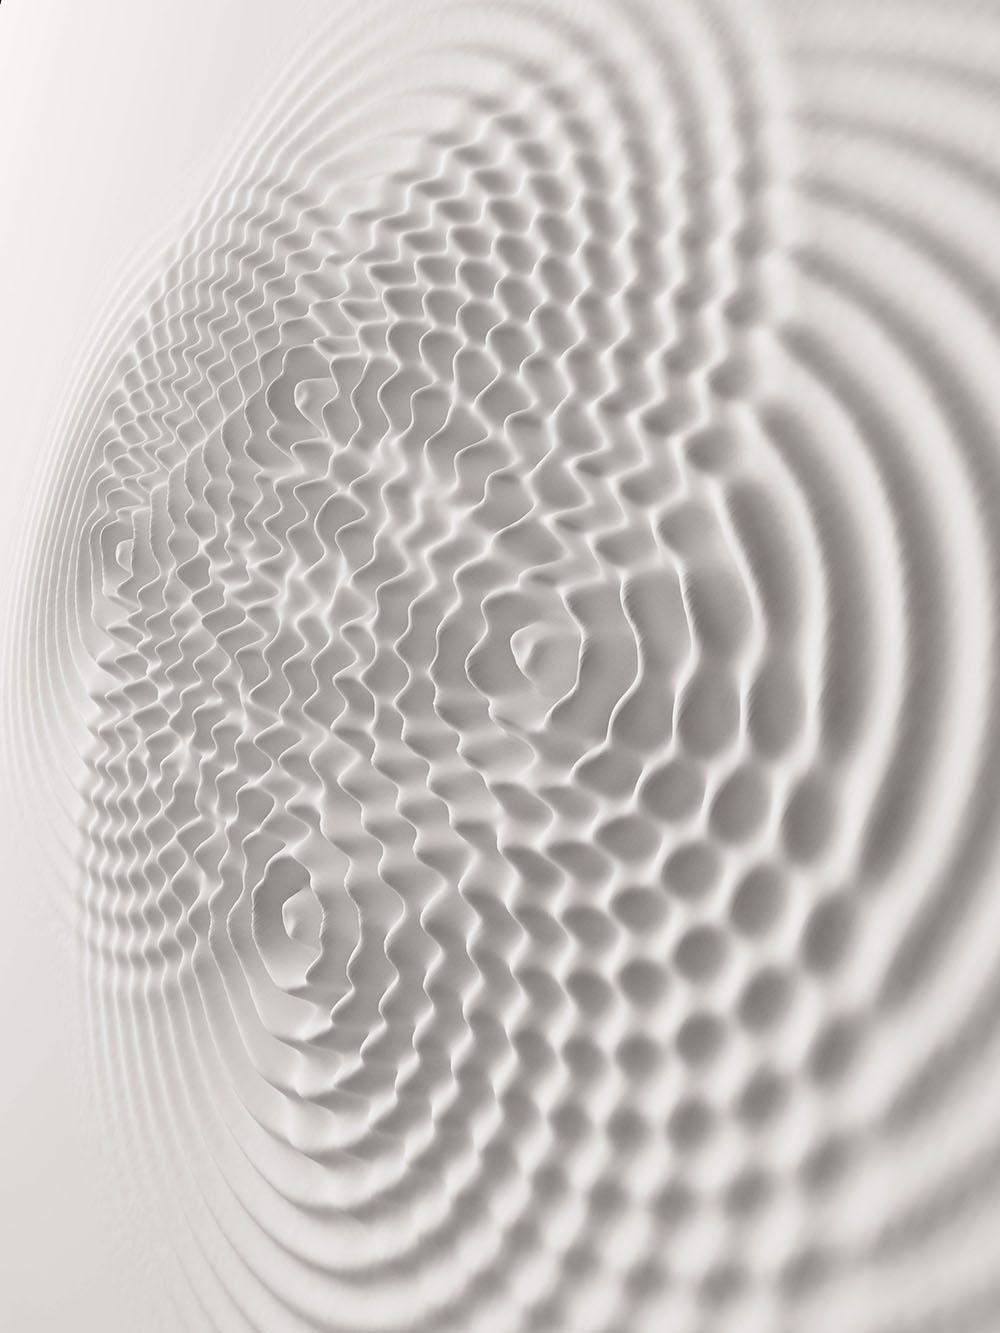 Сначала автор создает набросок в цифровом виде, затем делает основу из полиэфирной смолы, и после пр